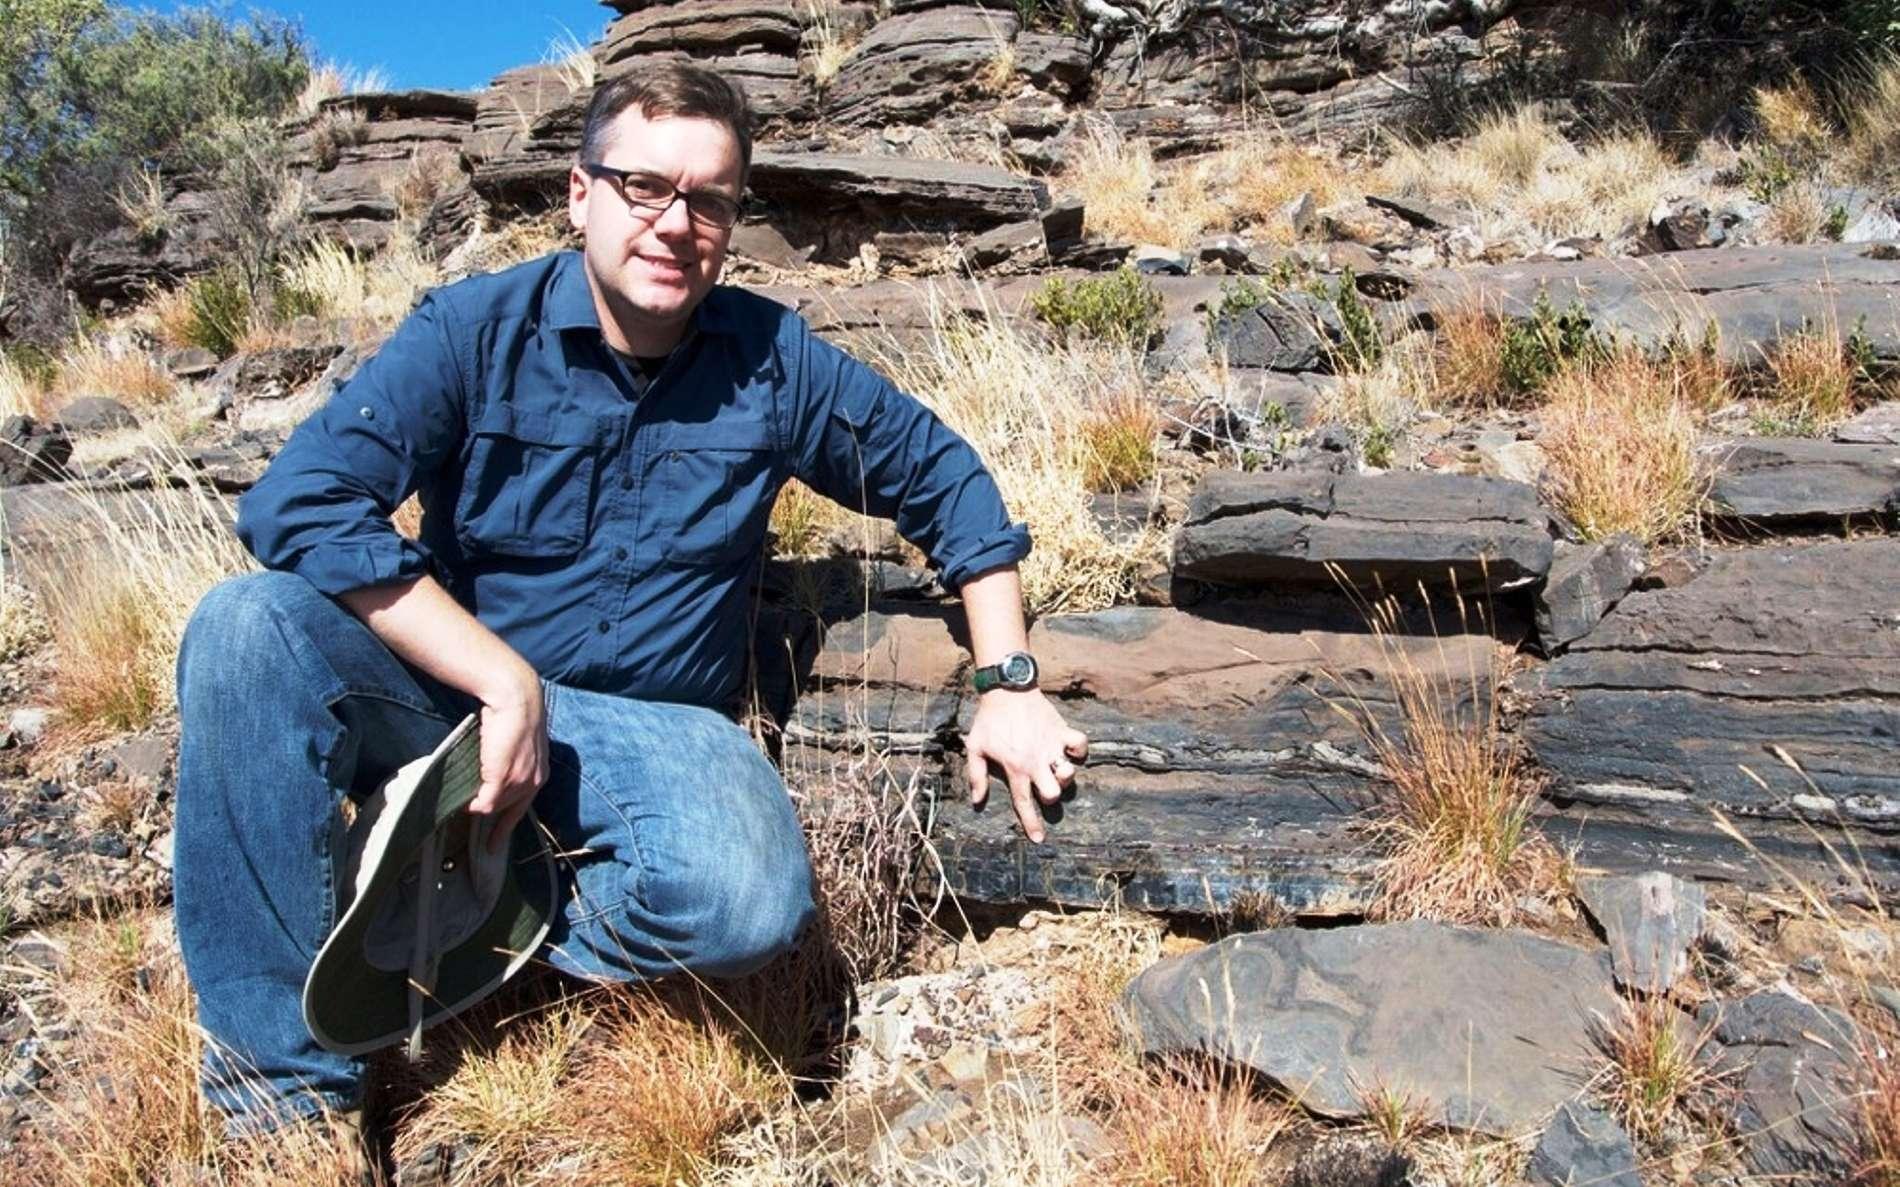 Le géologue Andrew Czaja indique la couche de roche dans laquelle des bactéries sulfureuses fossiles ont été découvertes en Afrique du Sud. © Aaron Satkoski